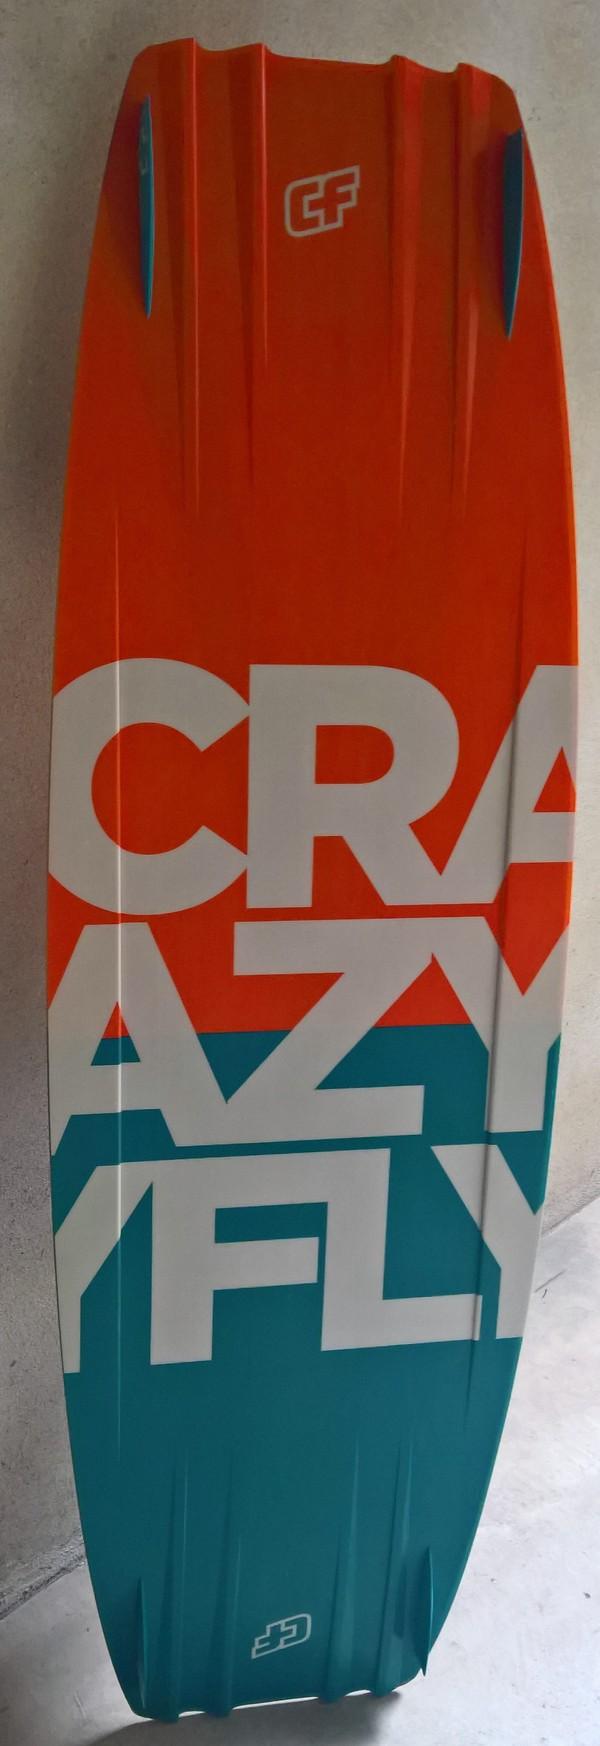 Crazyfly - Addict 2016